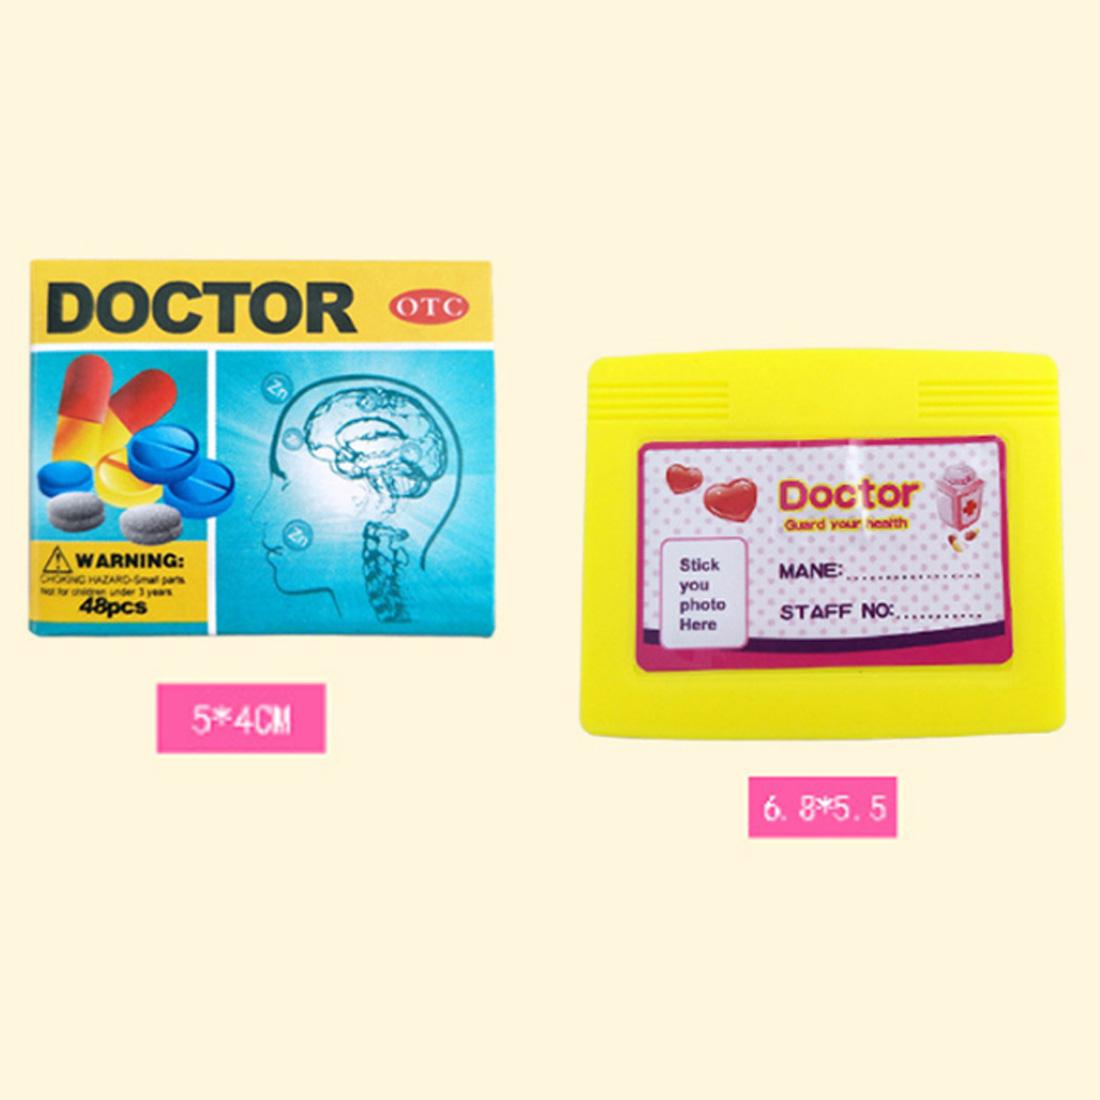 Enfants Pretend Play Emulational Doctor Jouets Ensemble Pour Les Enfants Role Play Kit Médical Portable Trolley Cas L'éducation Jouets pour Fille